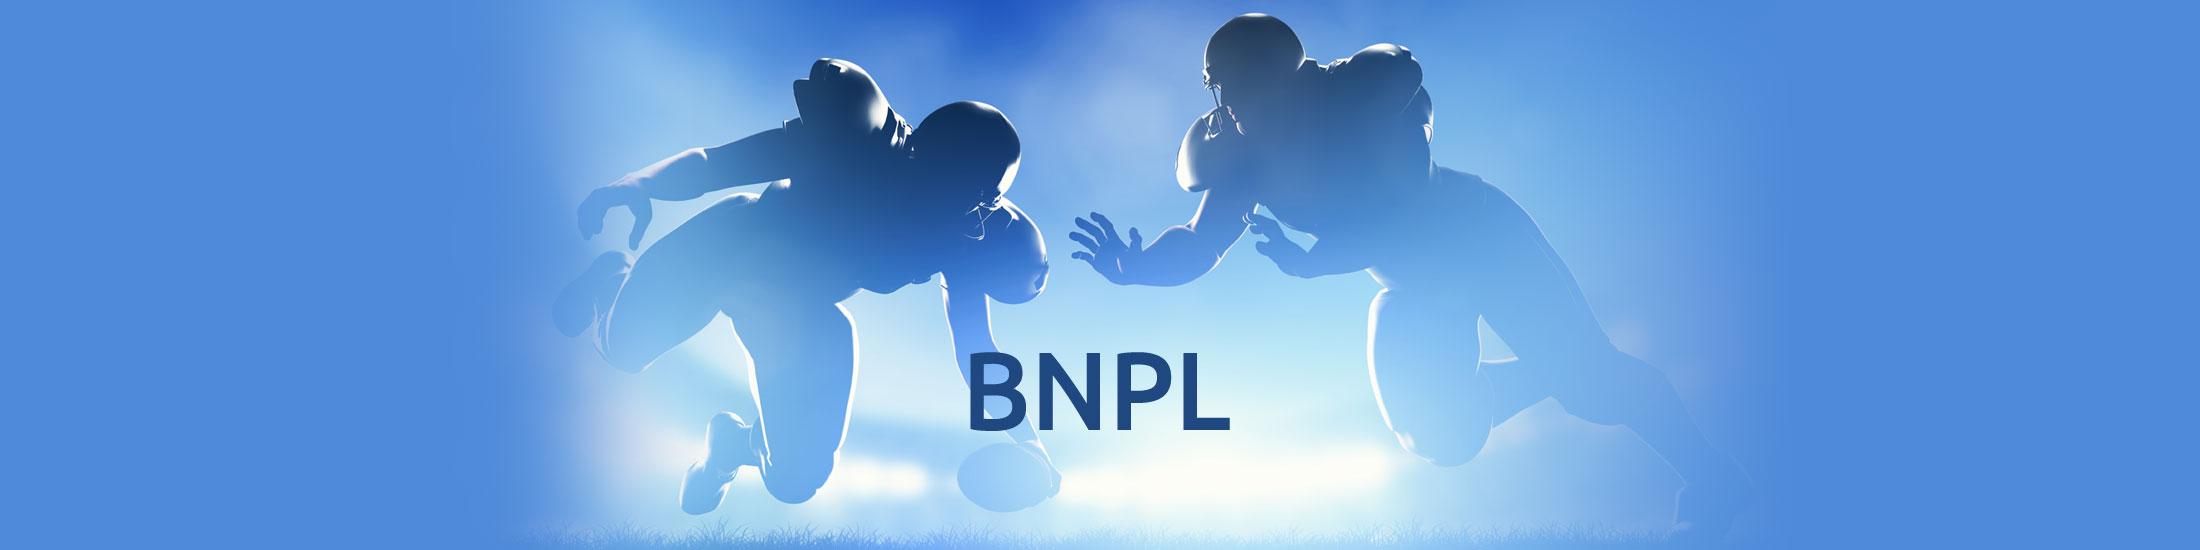 BNPL Reaches Rarified Super Bowl Air